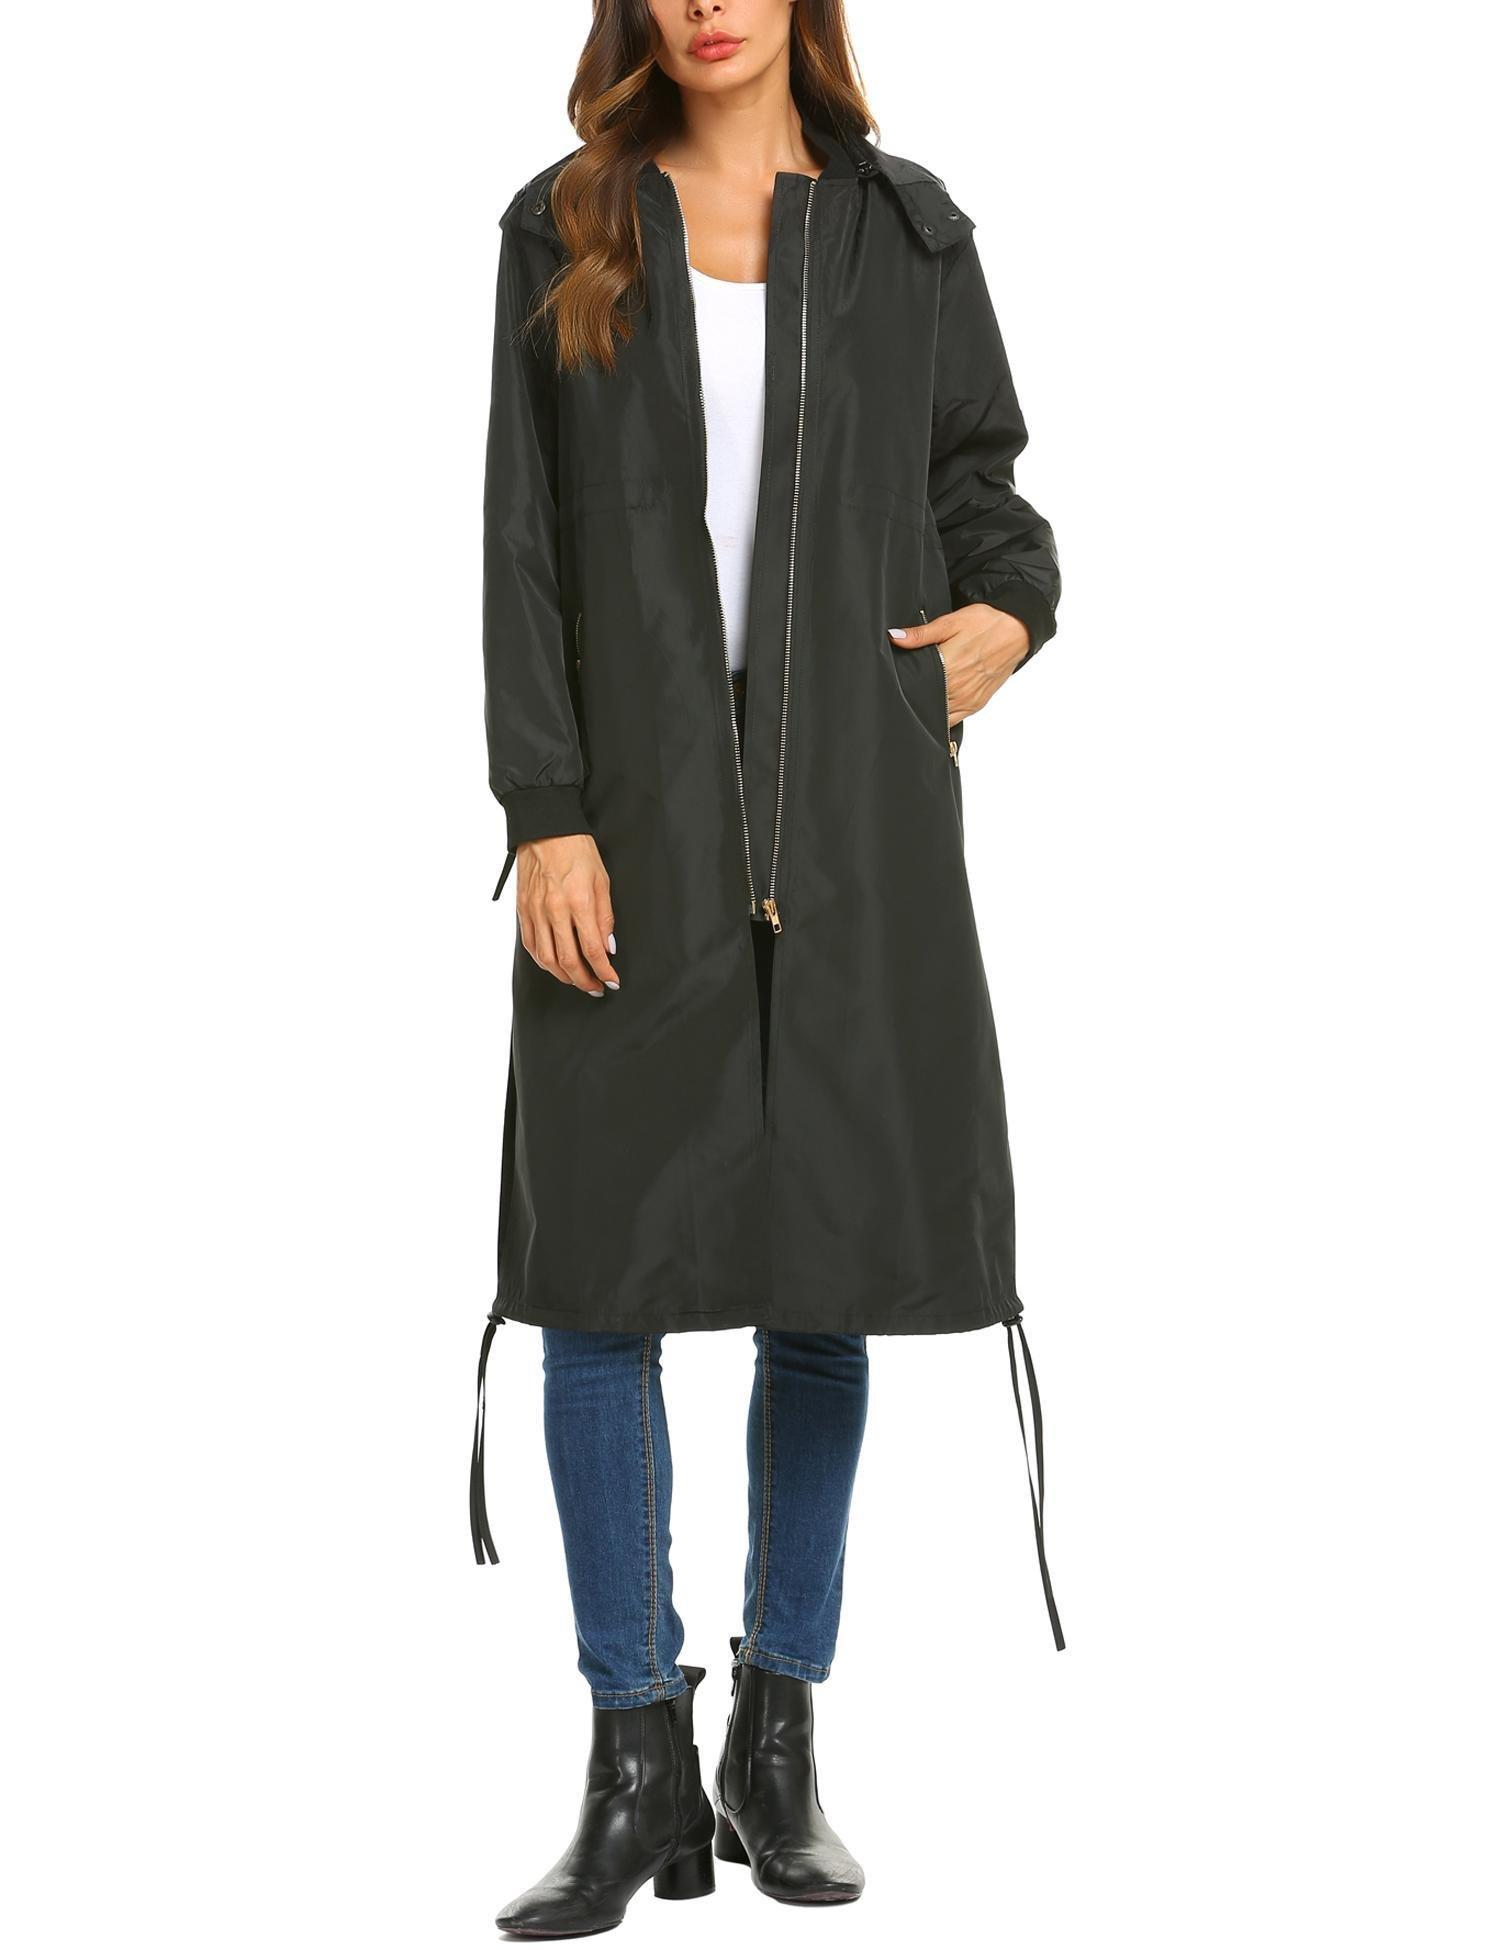 SUNAELIA Women's Long Zipper Pocket Lightweight Coat Outwear Trench Coat Black L